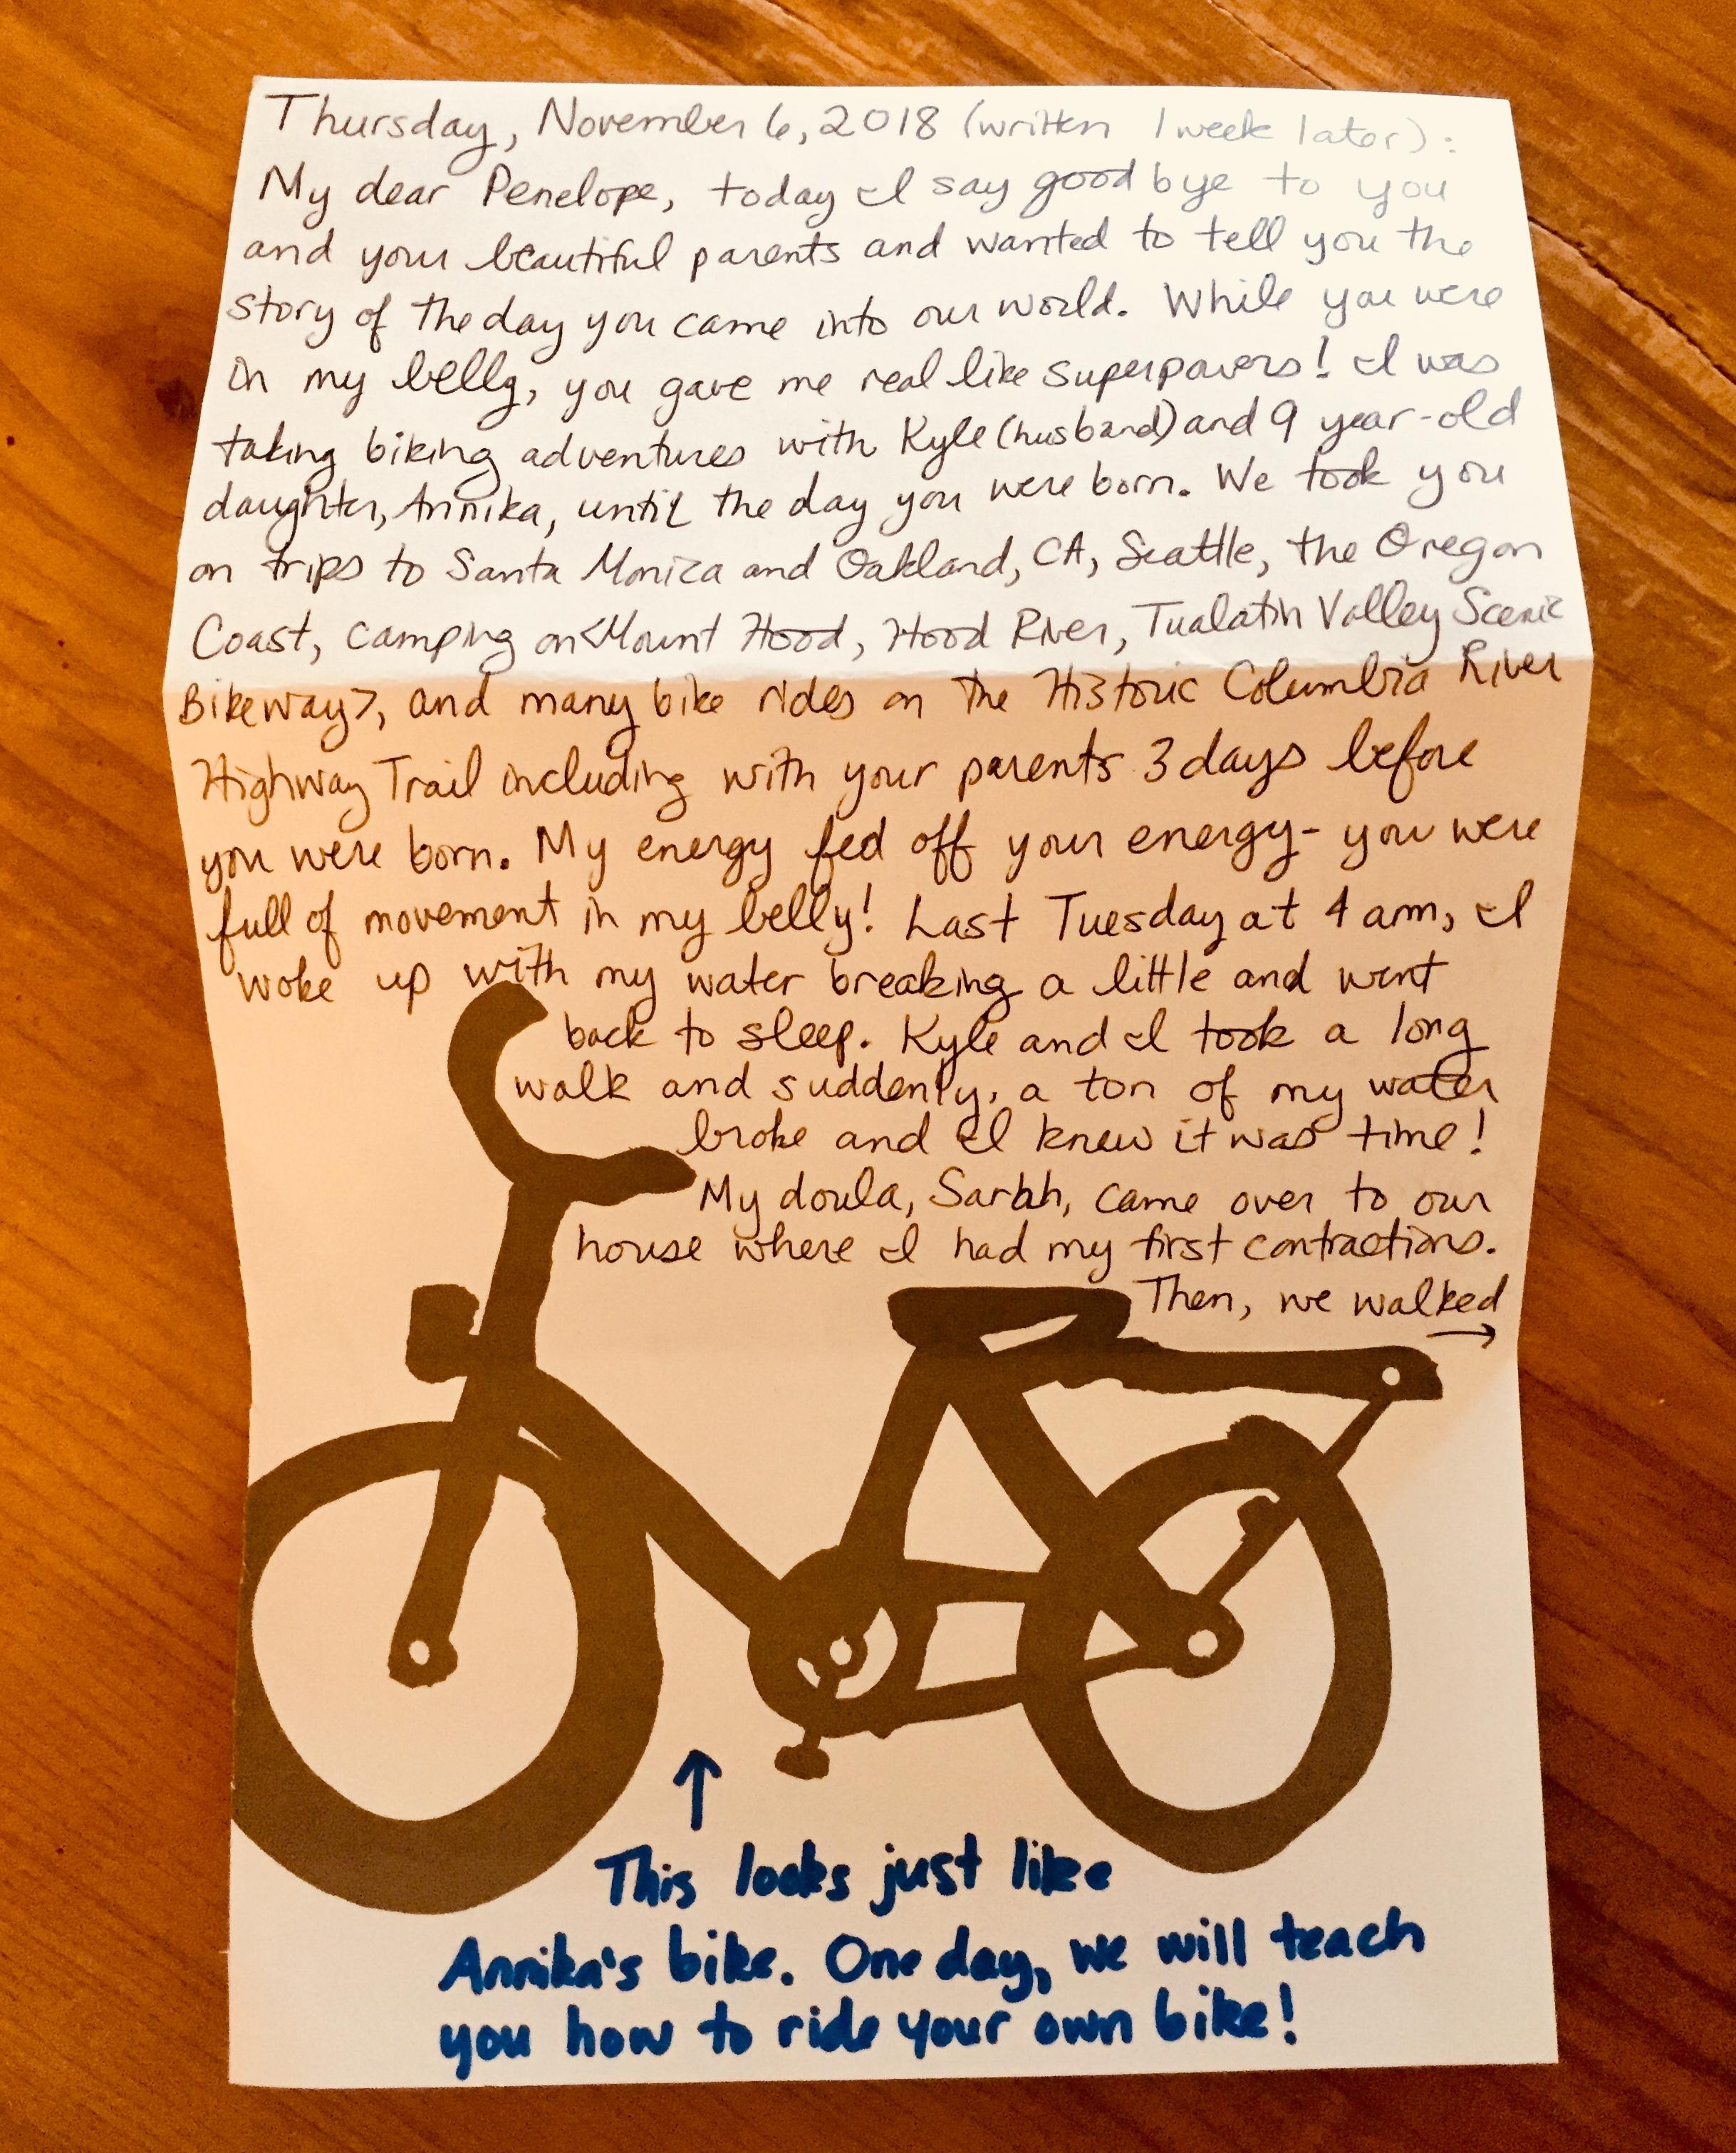 Penelope birth story-letter.jpg